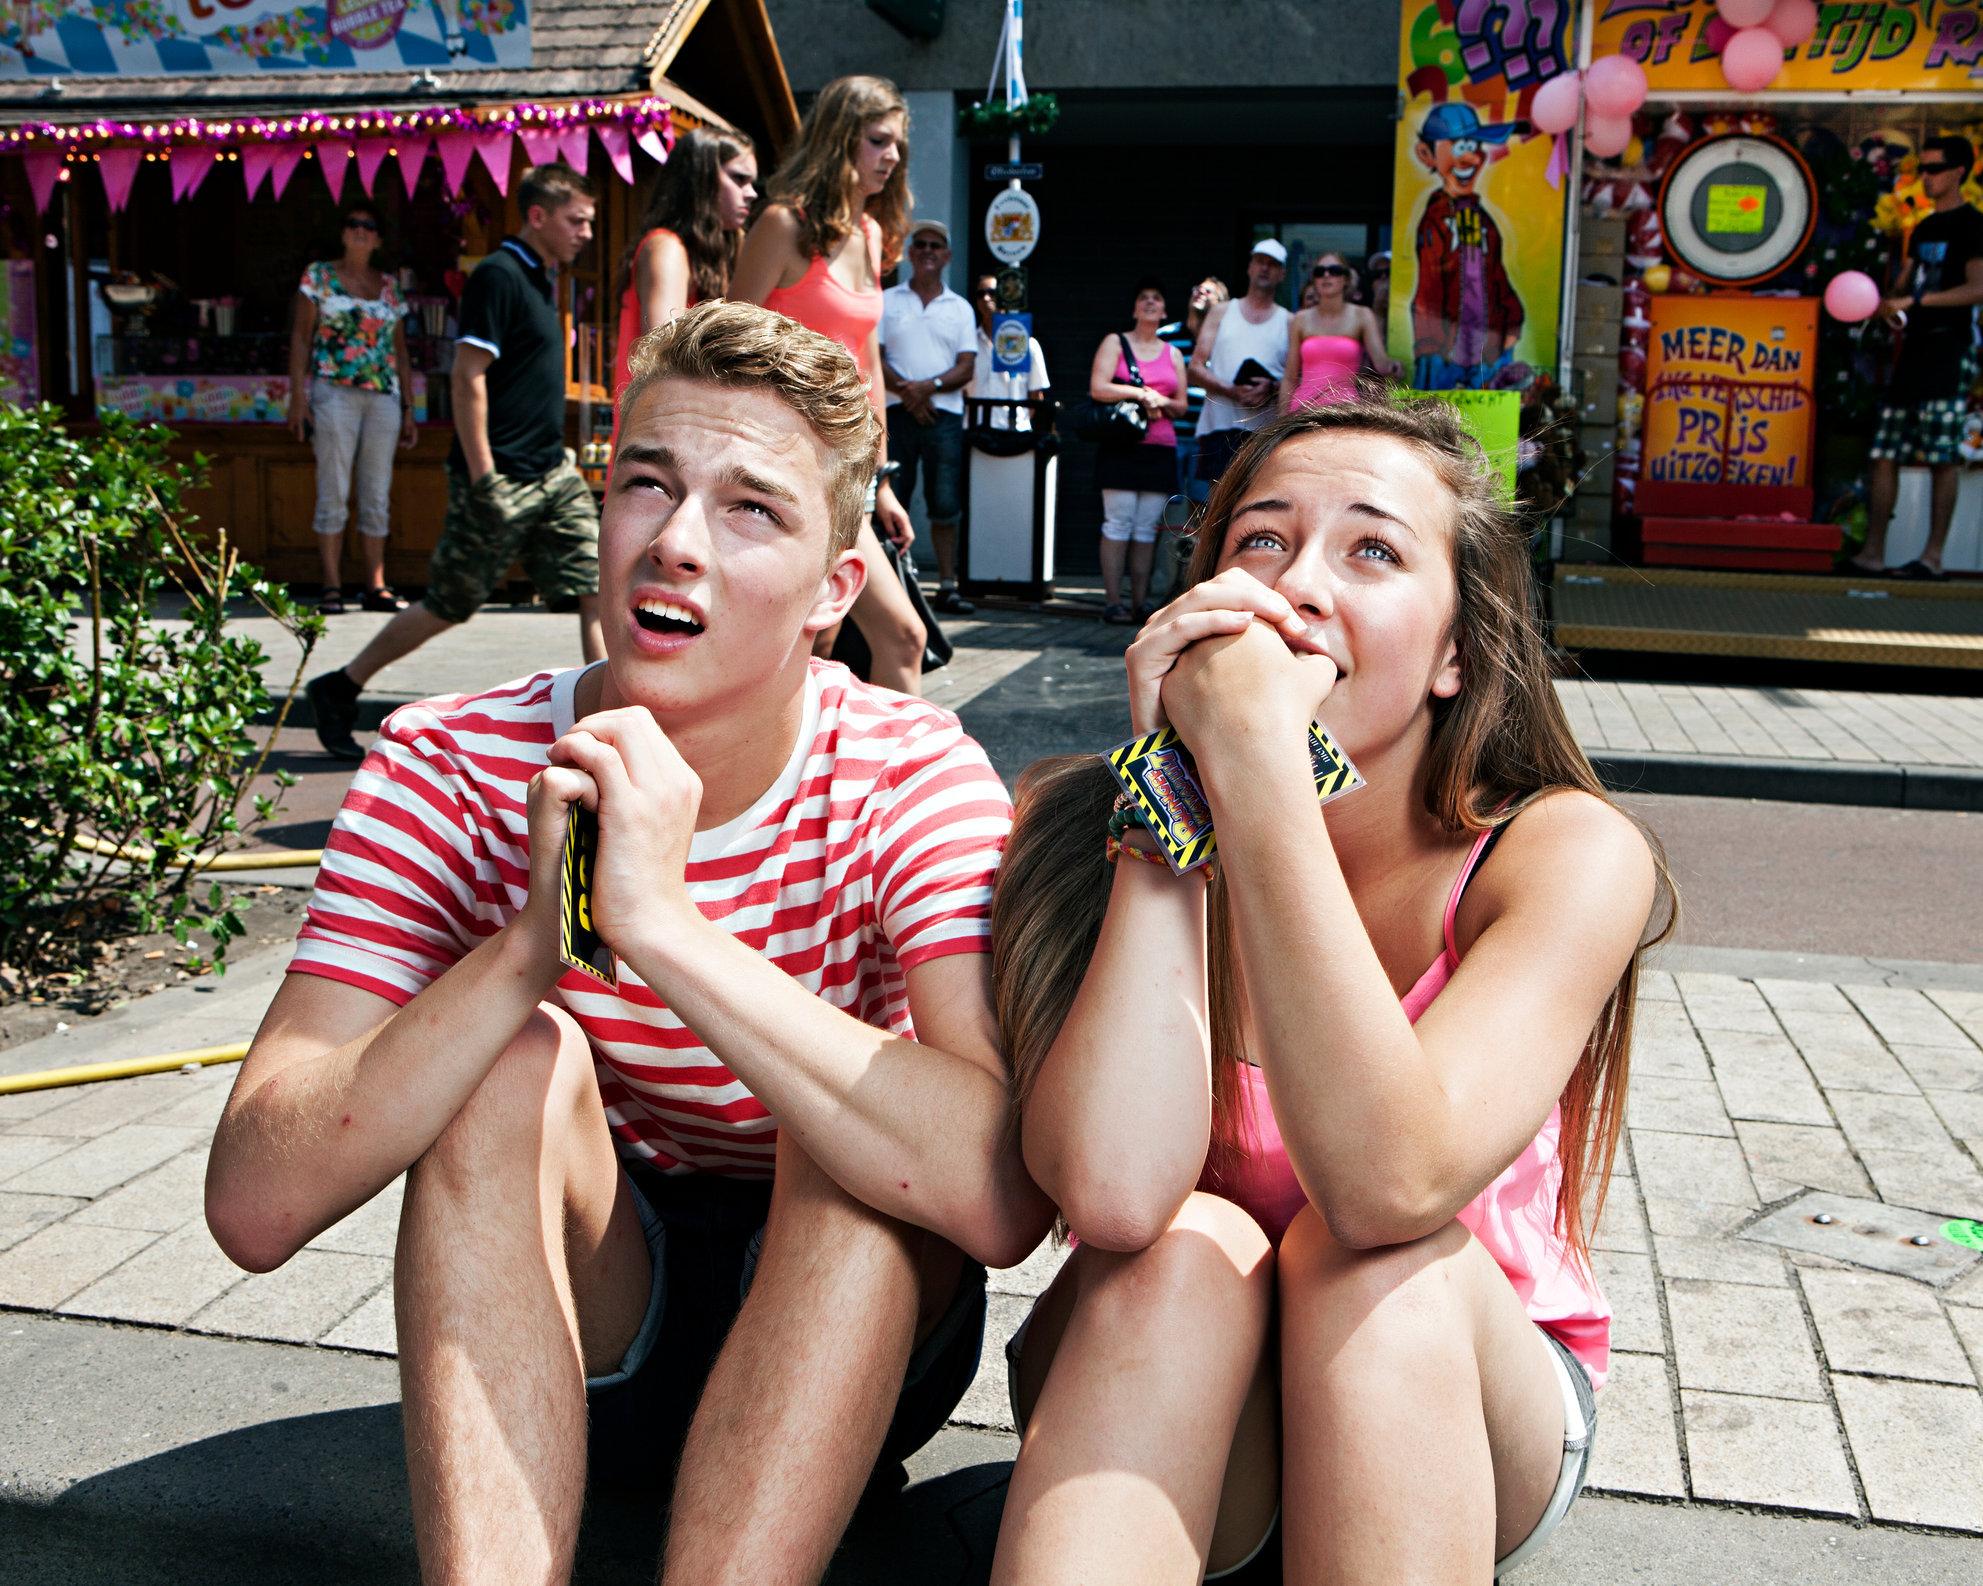 Seven Days | Tilburgse Kermis, summer 2013